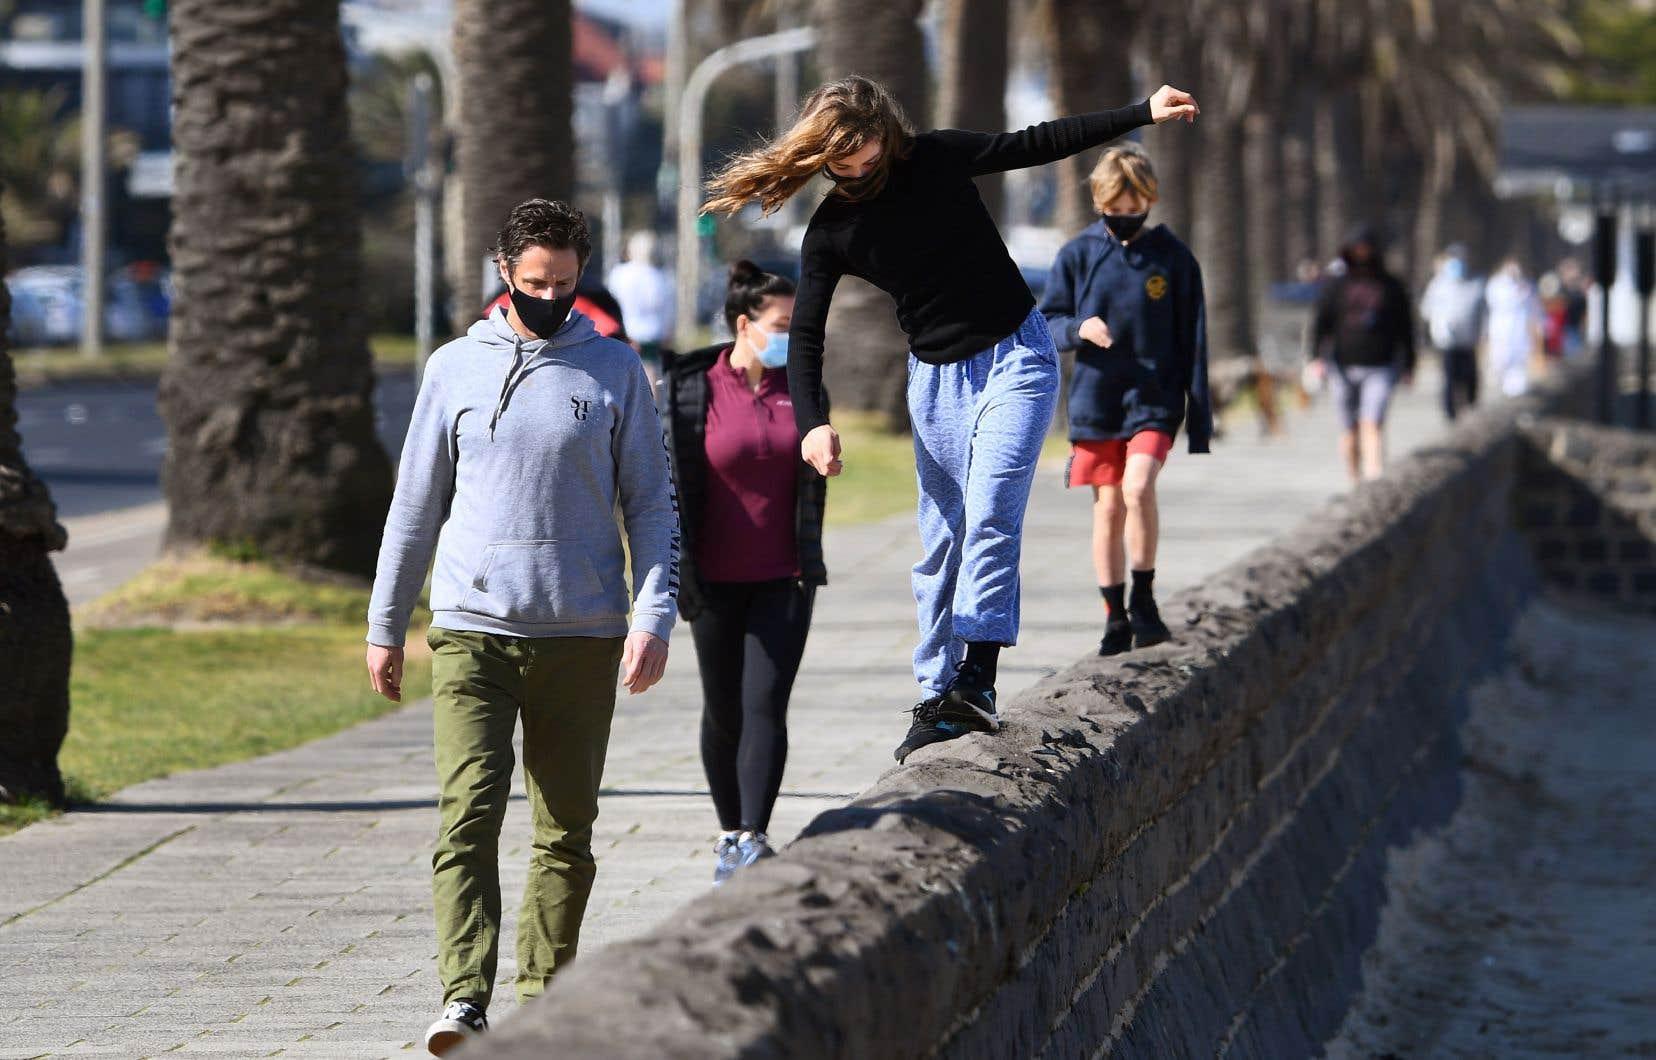 La semaine dernière, les autorités avaient ordonné un couvre-feu nocturne et la fermeture des commerces non essentiels aumoinsjusqu'au 13septembre à Melbourne, la deuxième ville du pays